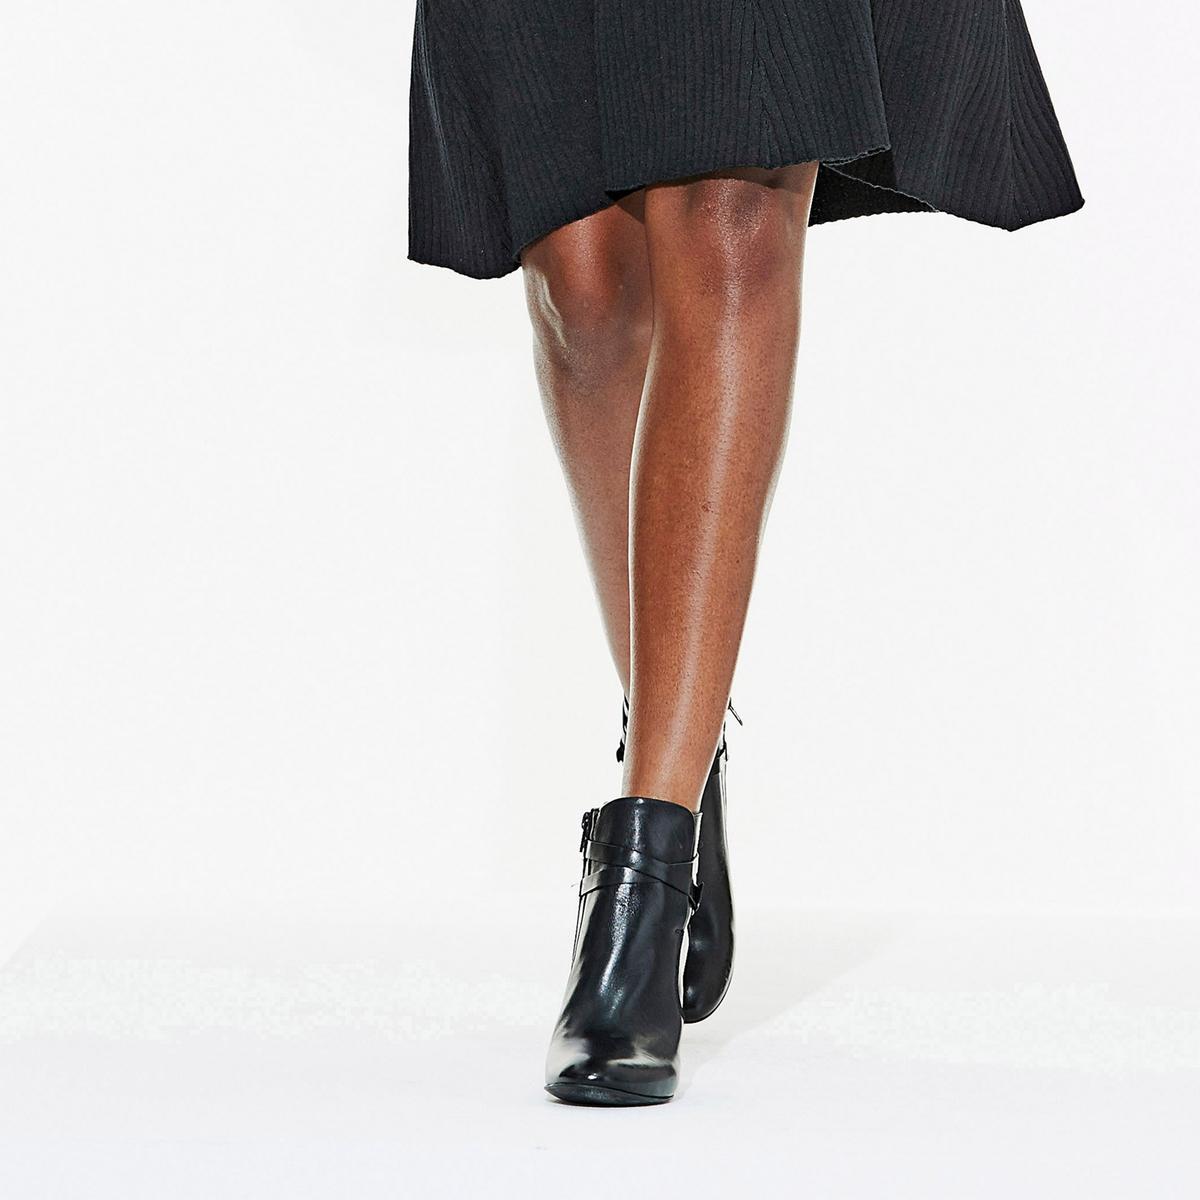 Ботильоны кожаные на каблуке с перекрещивающимися ремешкамиОписание:Детали •  Высота голенища : 10 см, размер 37  •  Высота каблука : 9 см •  Застежка : на молнию •  Круглый мысок •  Гладкая отделкаСостав и уход •  Верх 100% замша •  Подкладка 100% кожа •  Стелька 100% кожа •  Подошва 100% эластомер •  Сделано в Португалии<br><br>Цвет: темно-бежевый,черный<br>Размер: 35.39.37.36.35.40.38.36.38